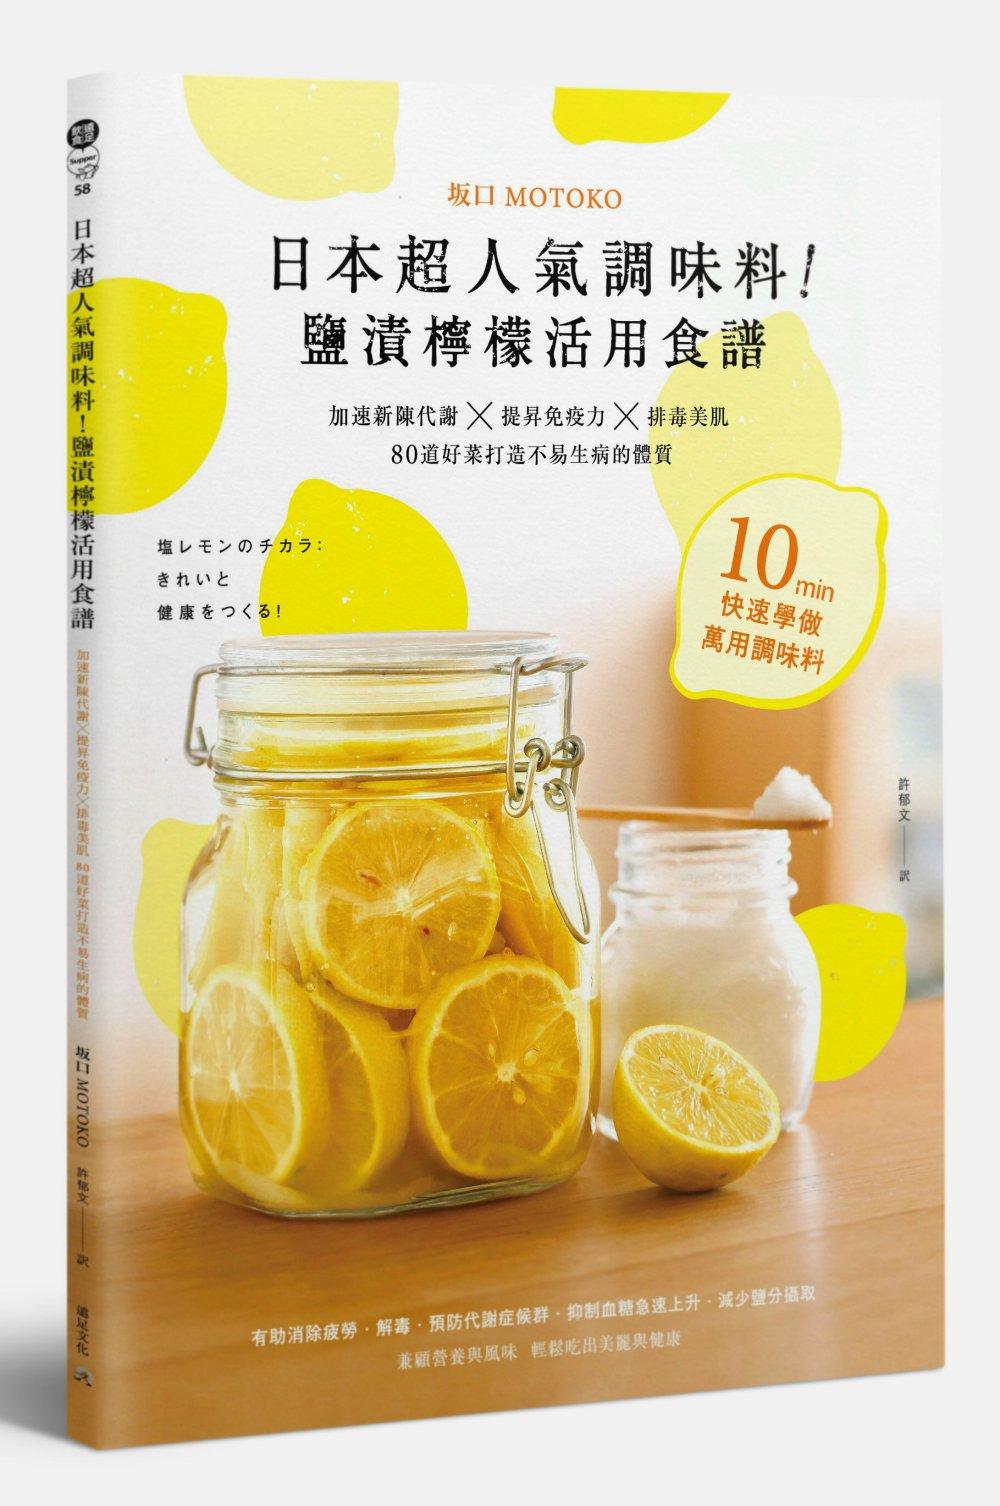 超 調味料^!鹽漬檸檬活用食譜:加速新陳代謝╳提昇免疫力╳排毒美肌 80道好菜打造不易生病